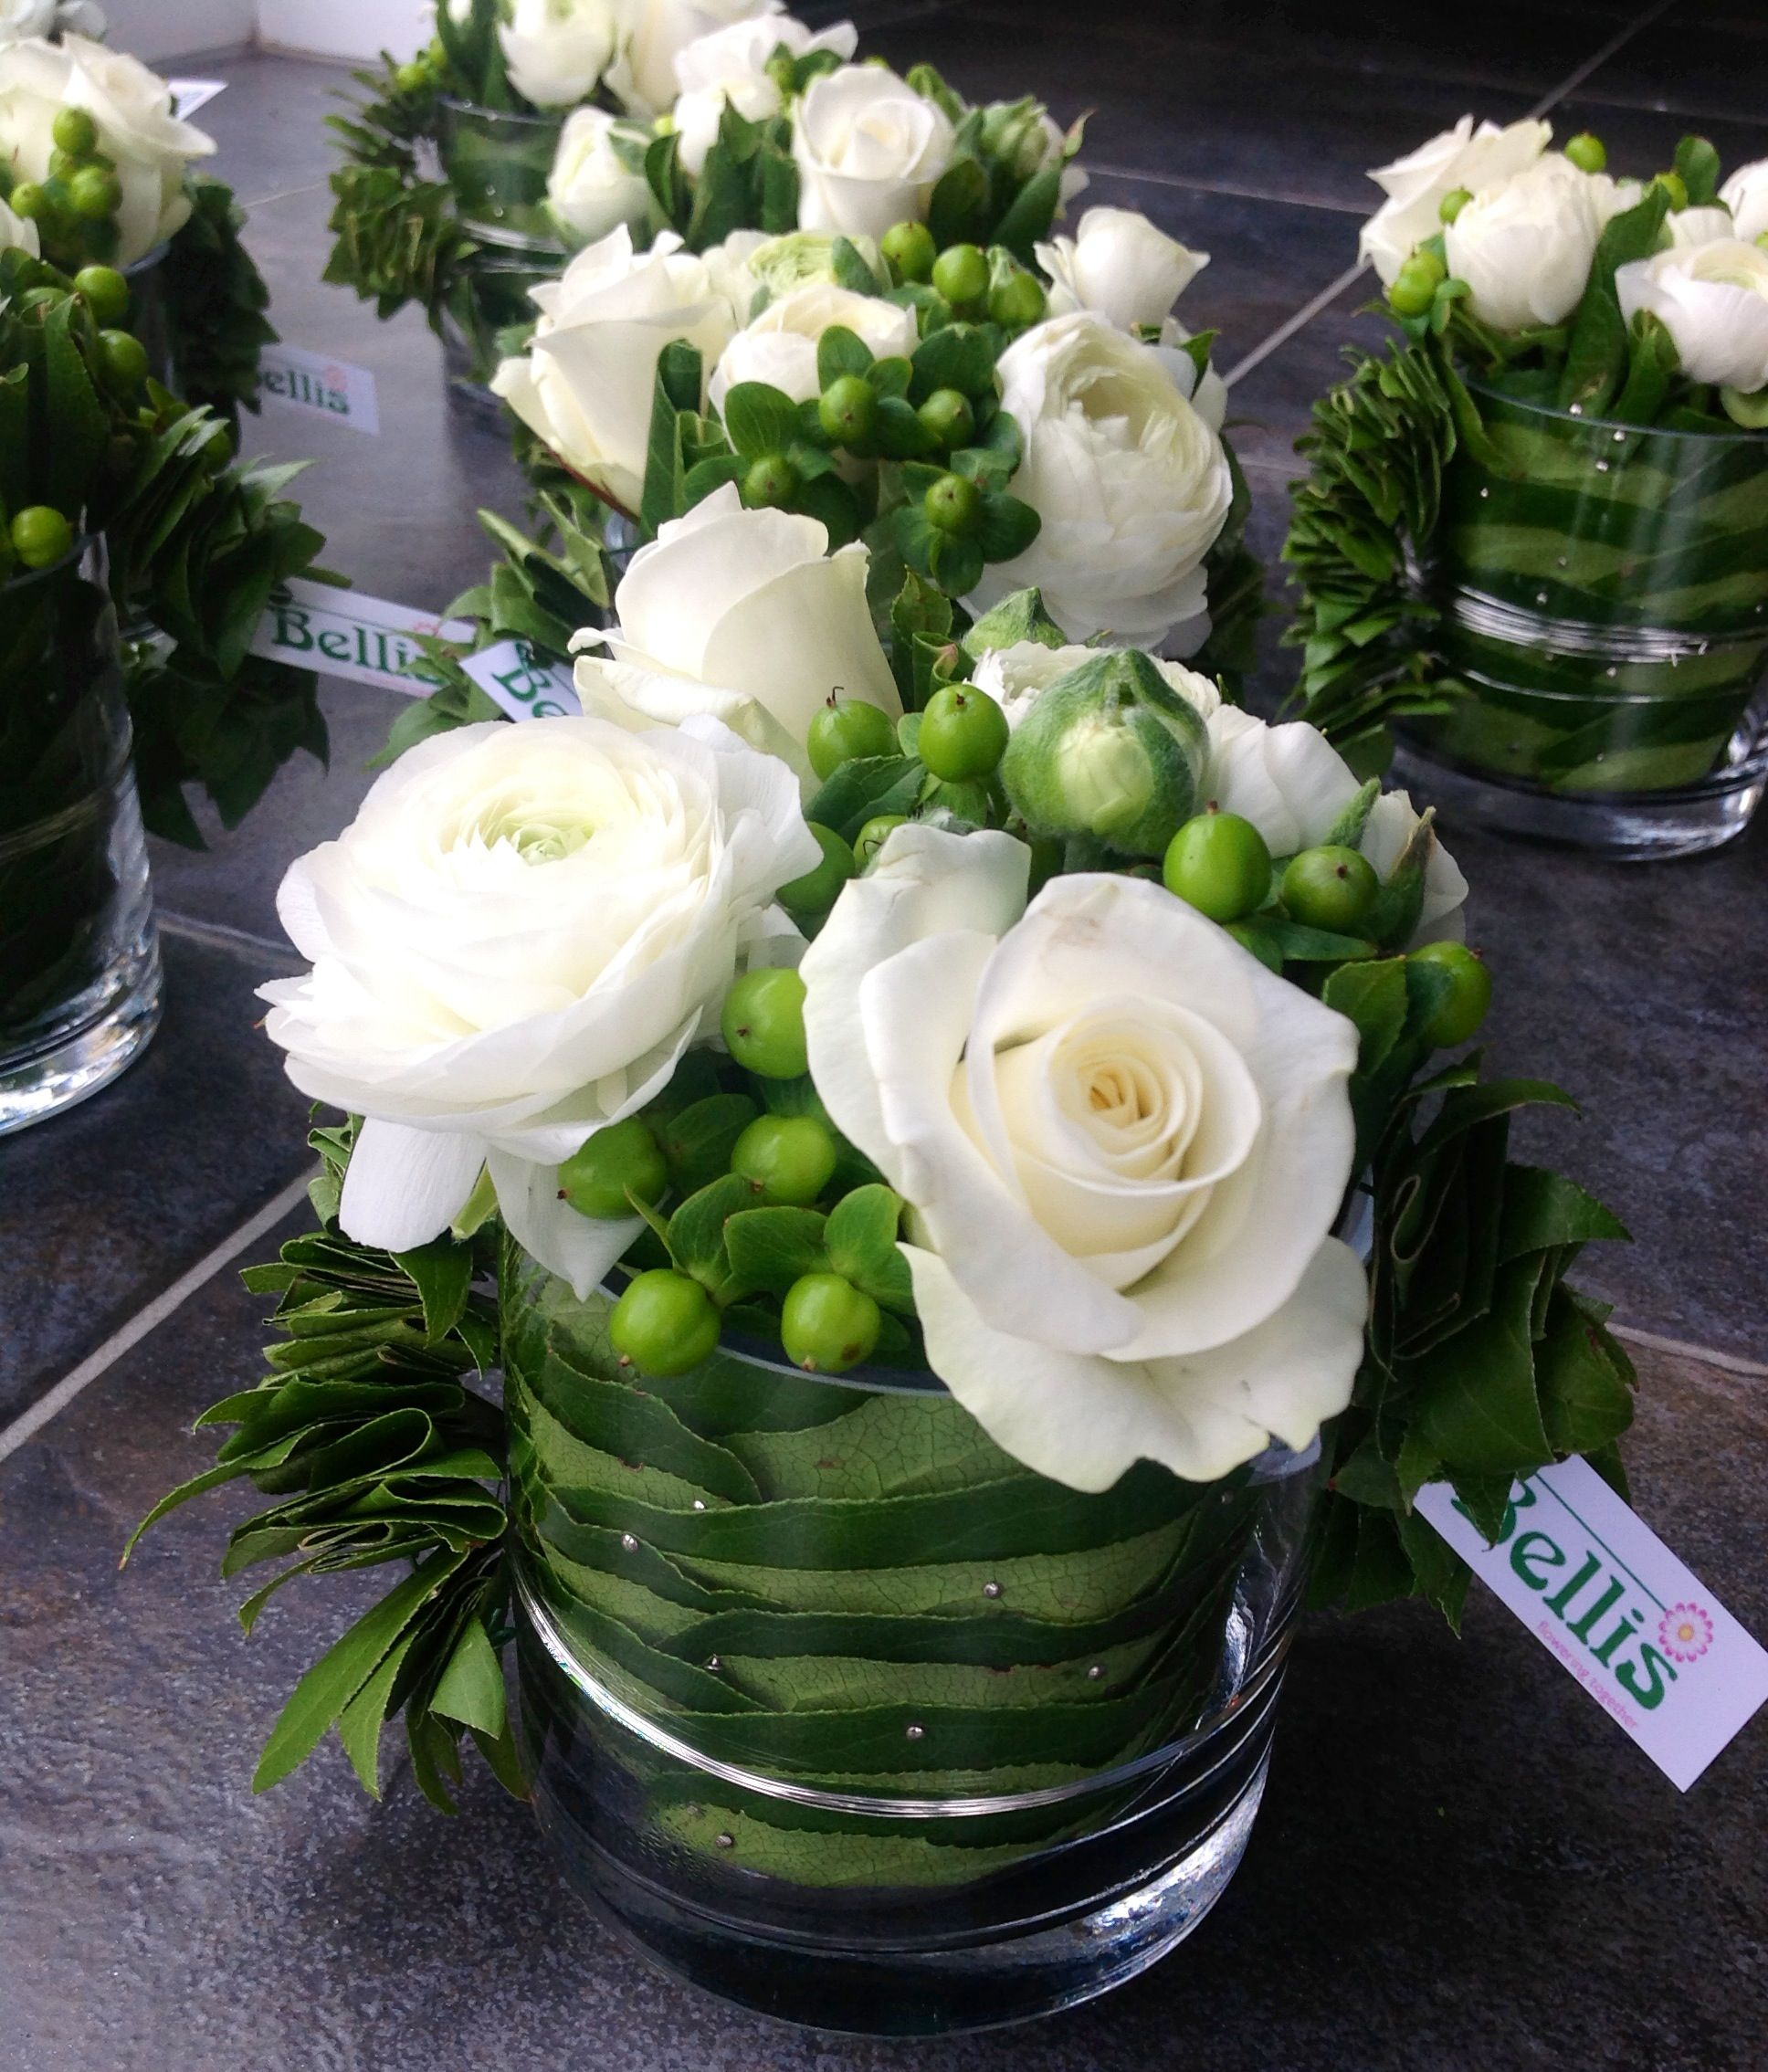 Modern table flower arrangement - white roses and St. John's wort   Uploaded and made by Bellis Bloemen (Westvleteren)